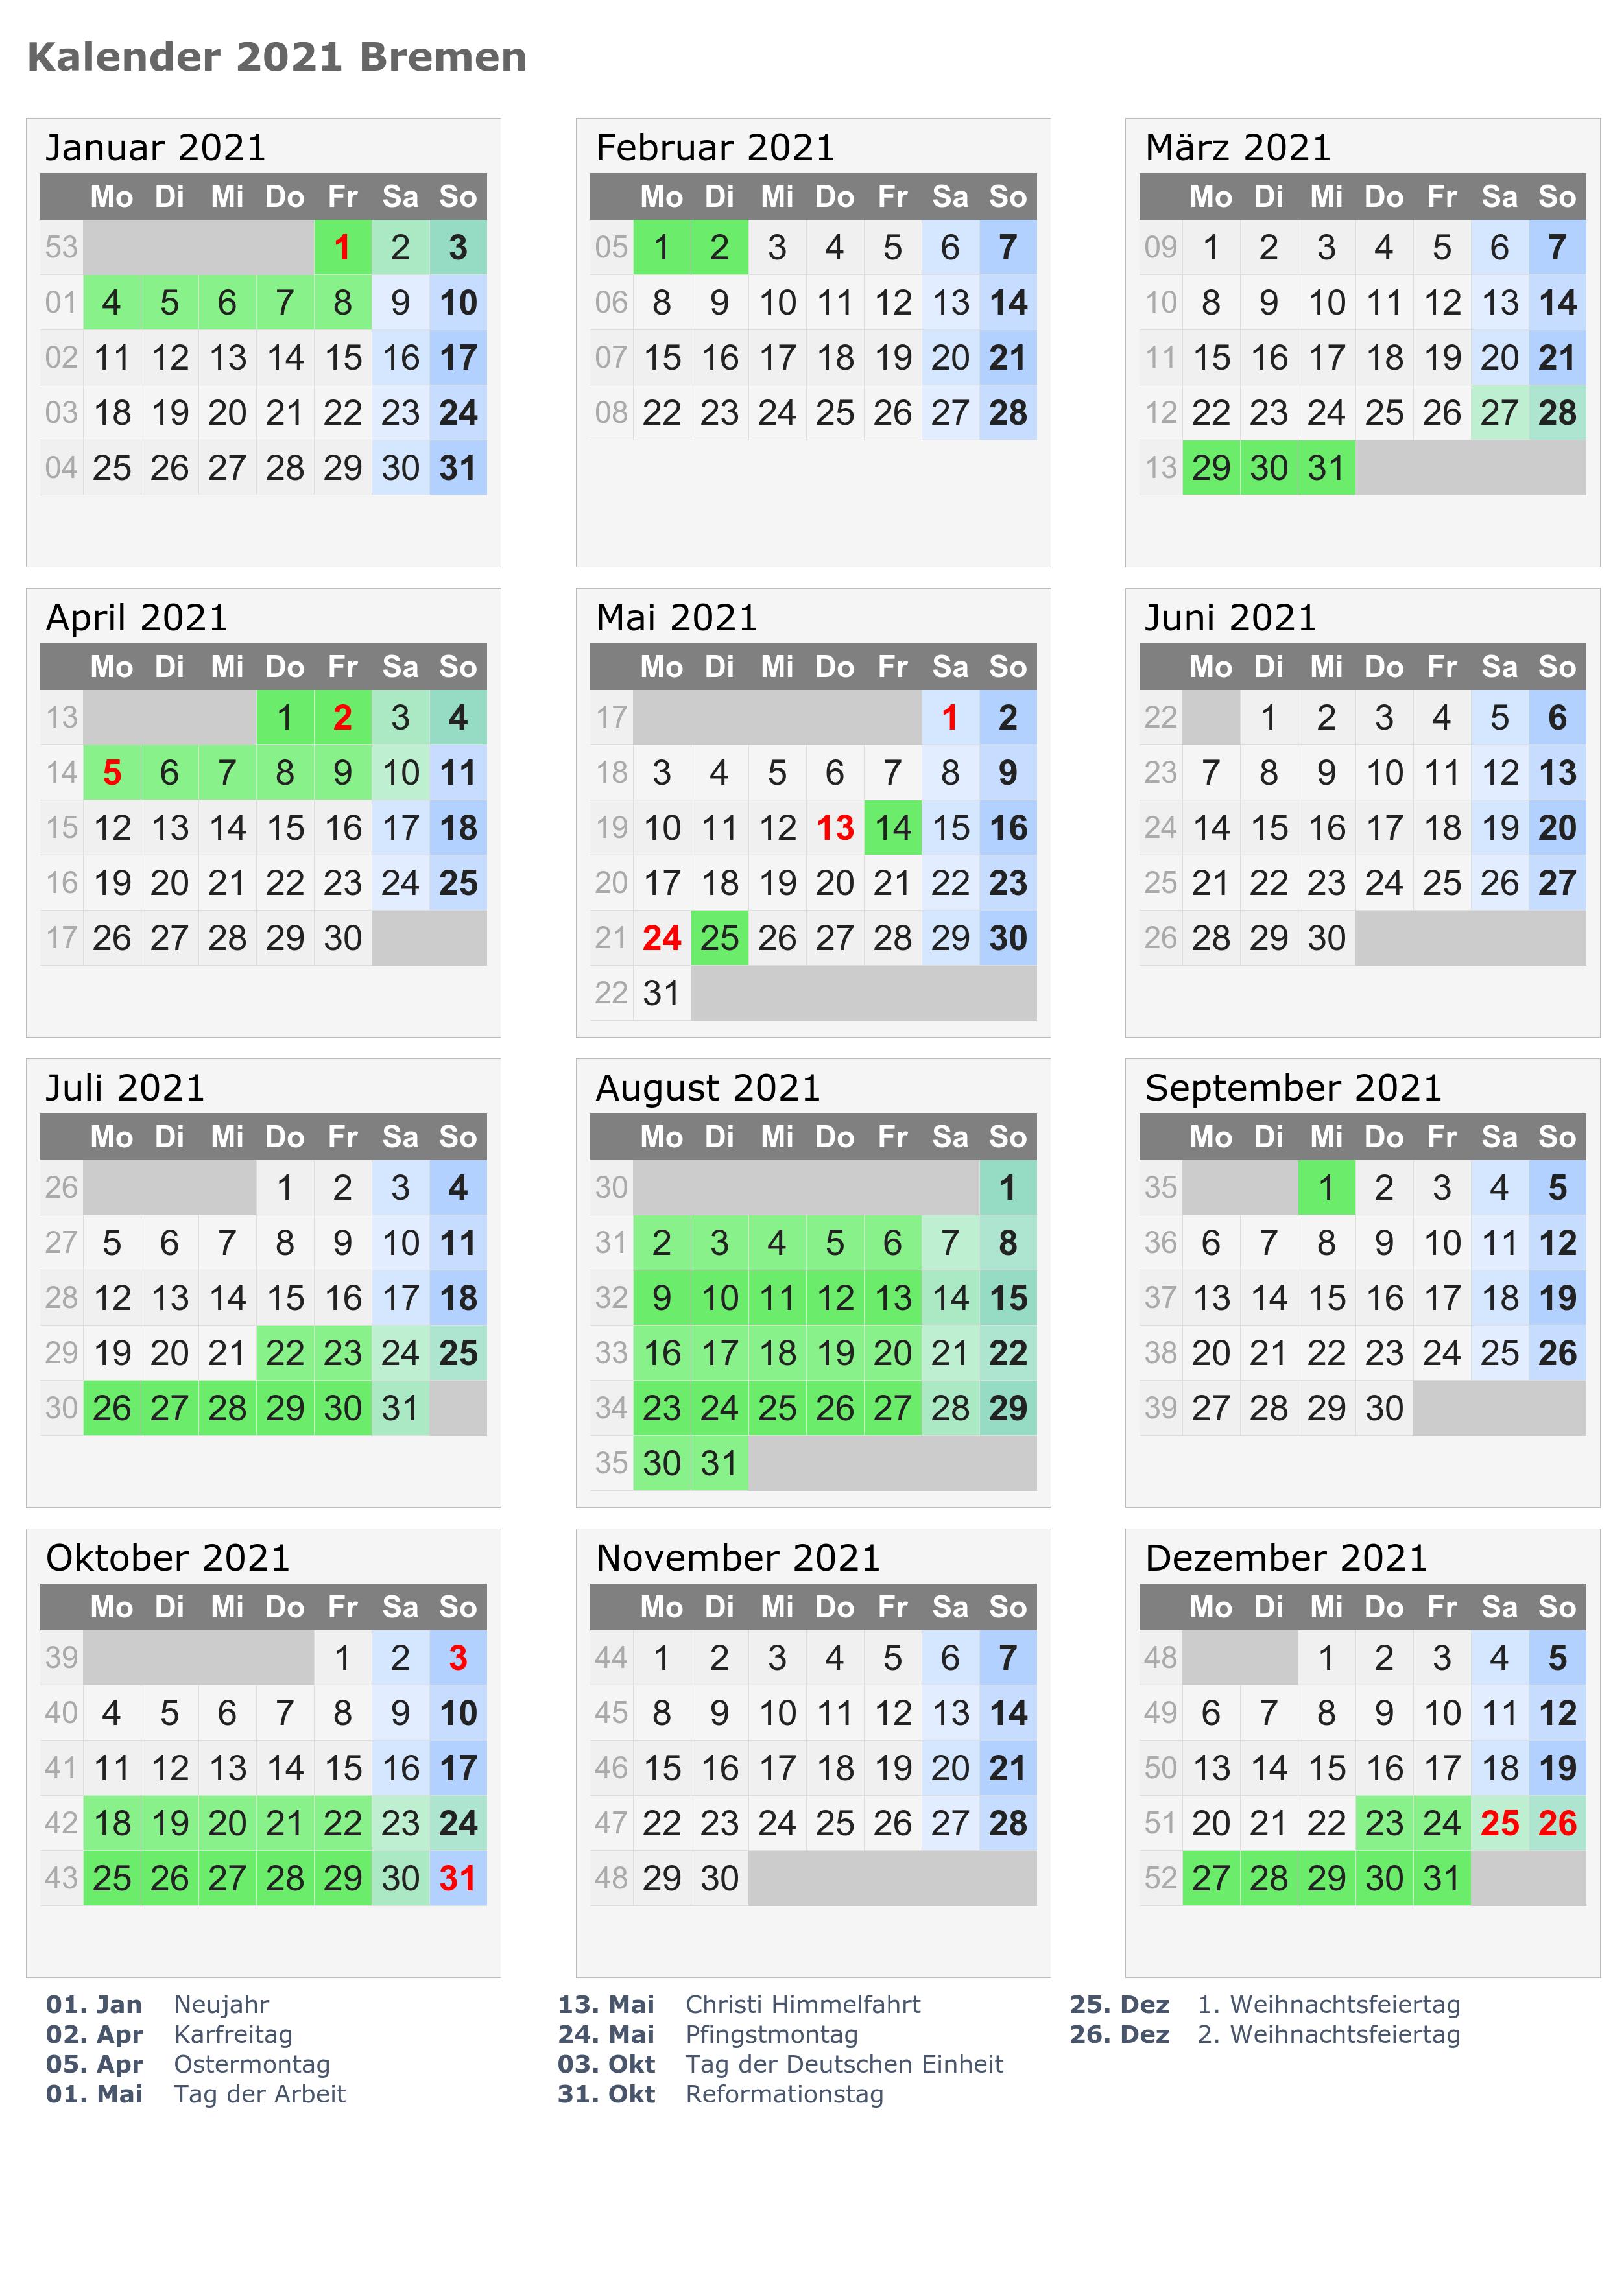 Wann Sind Die Sommerferien Bremen 2021?